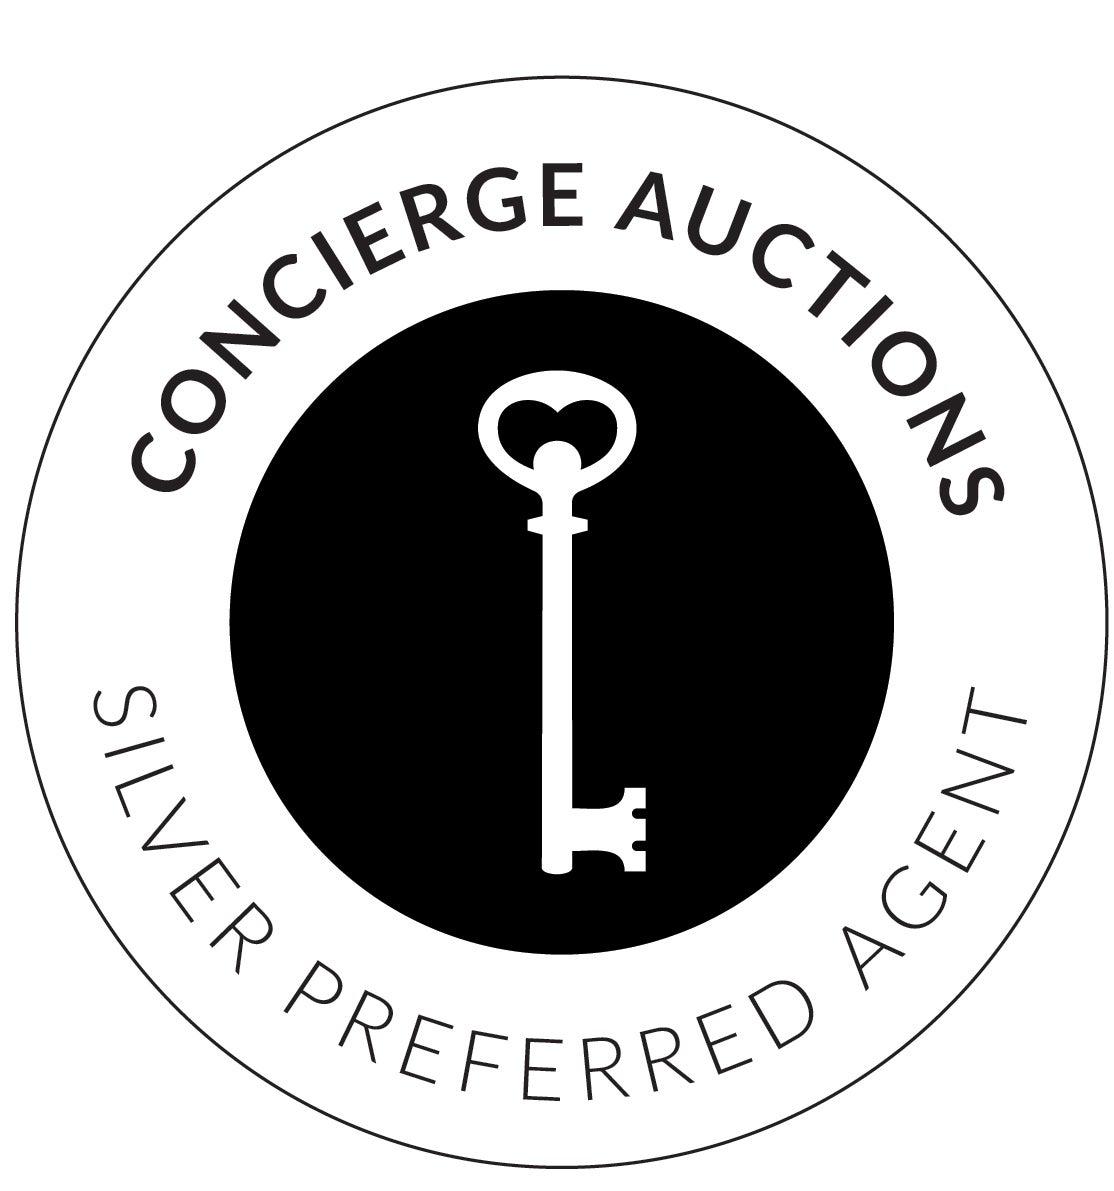 Concierge Auctions Silver Agent